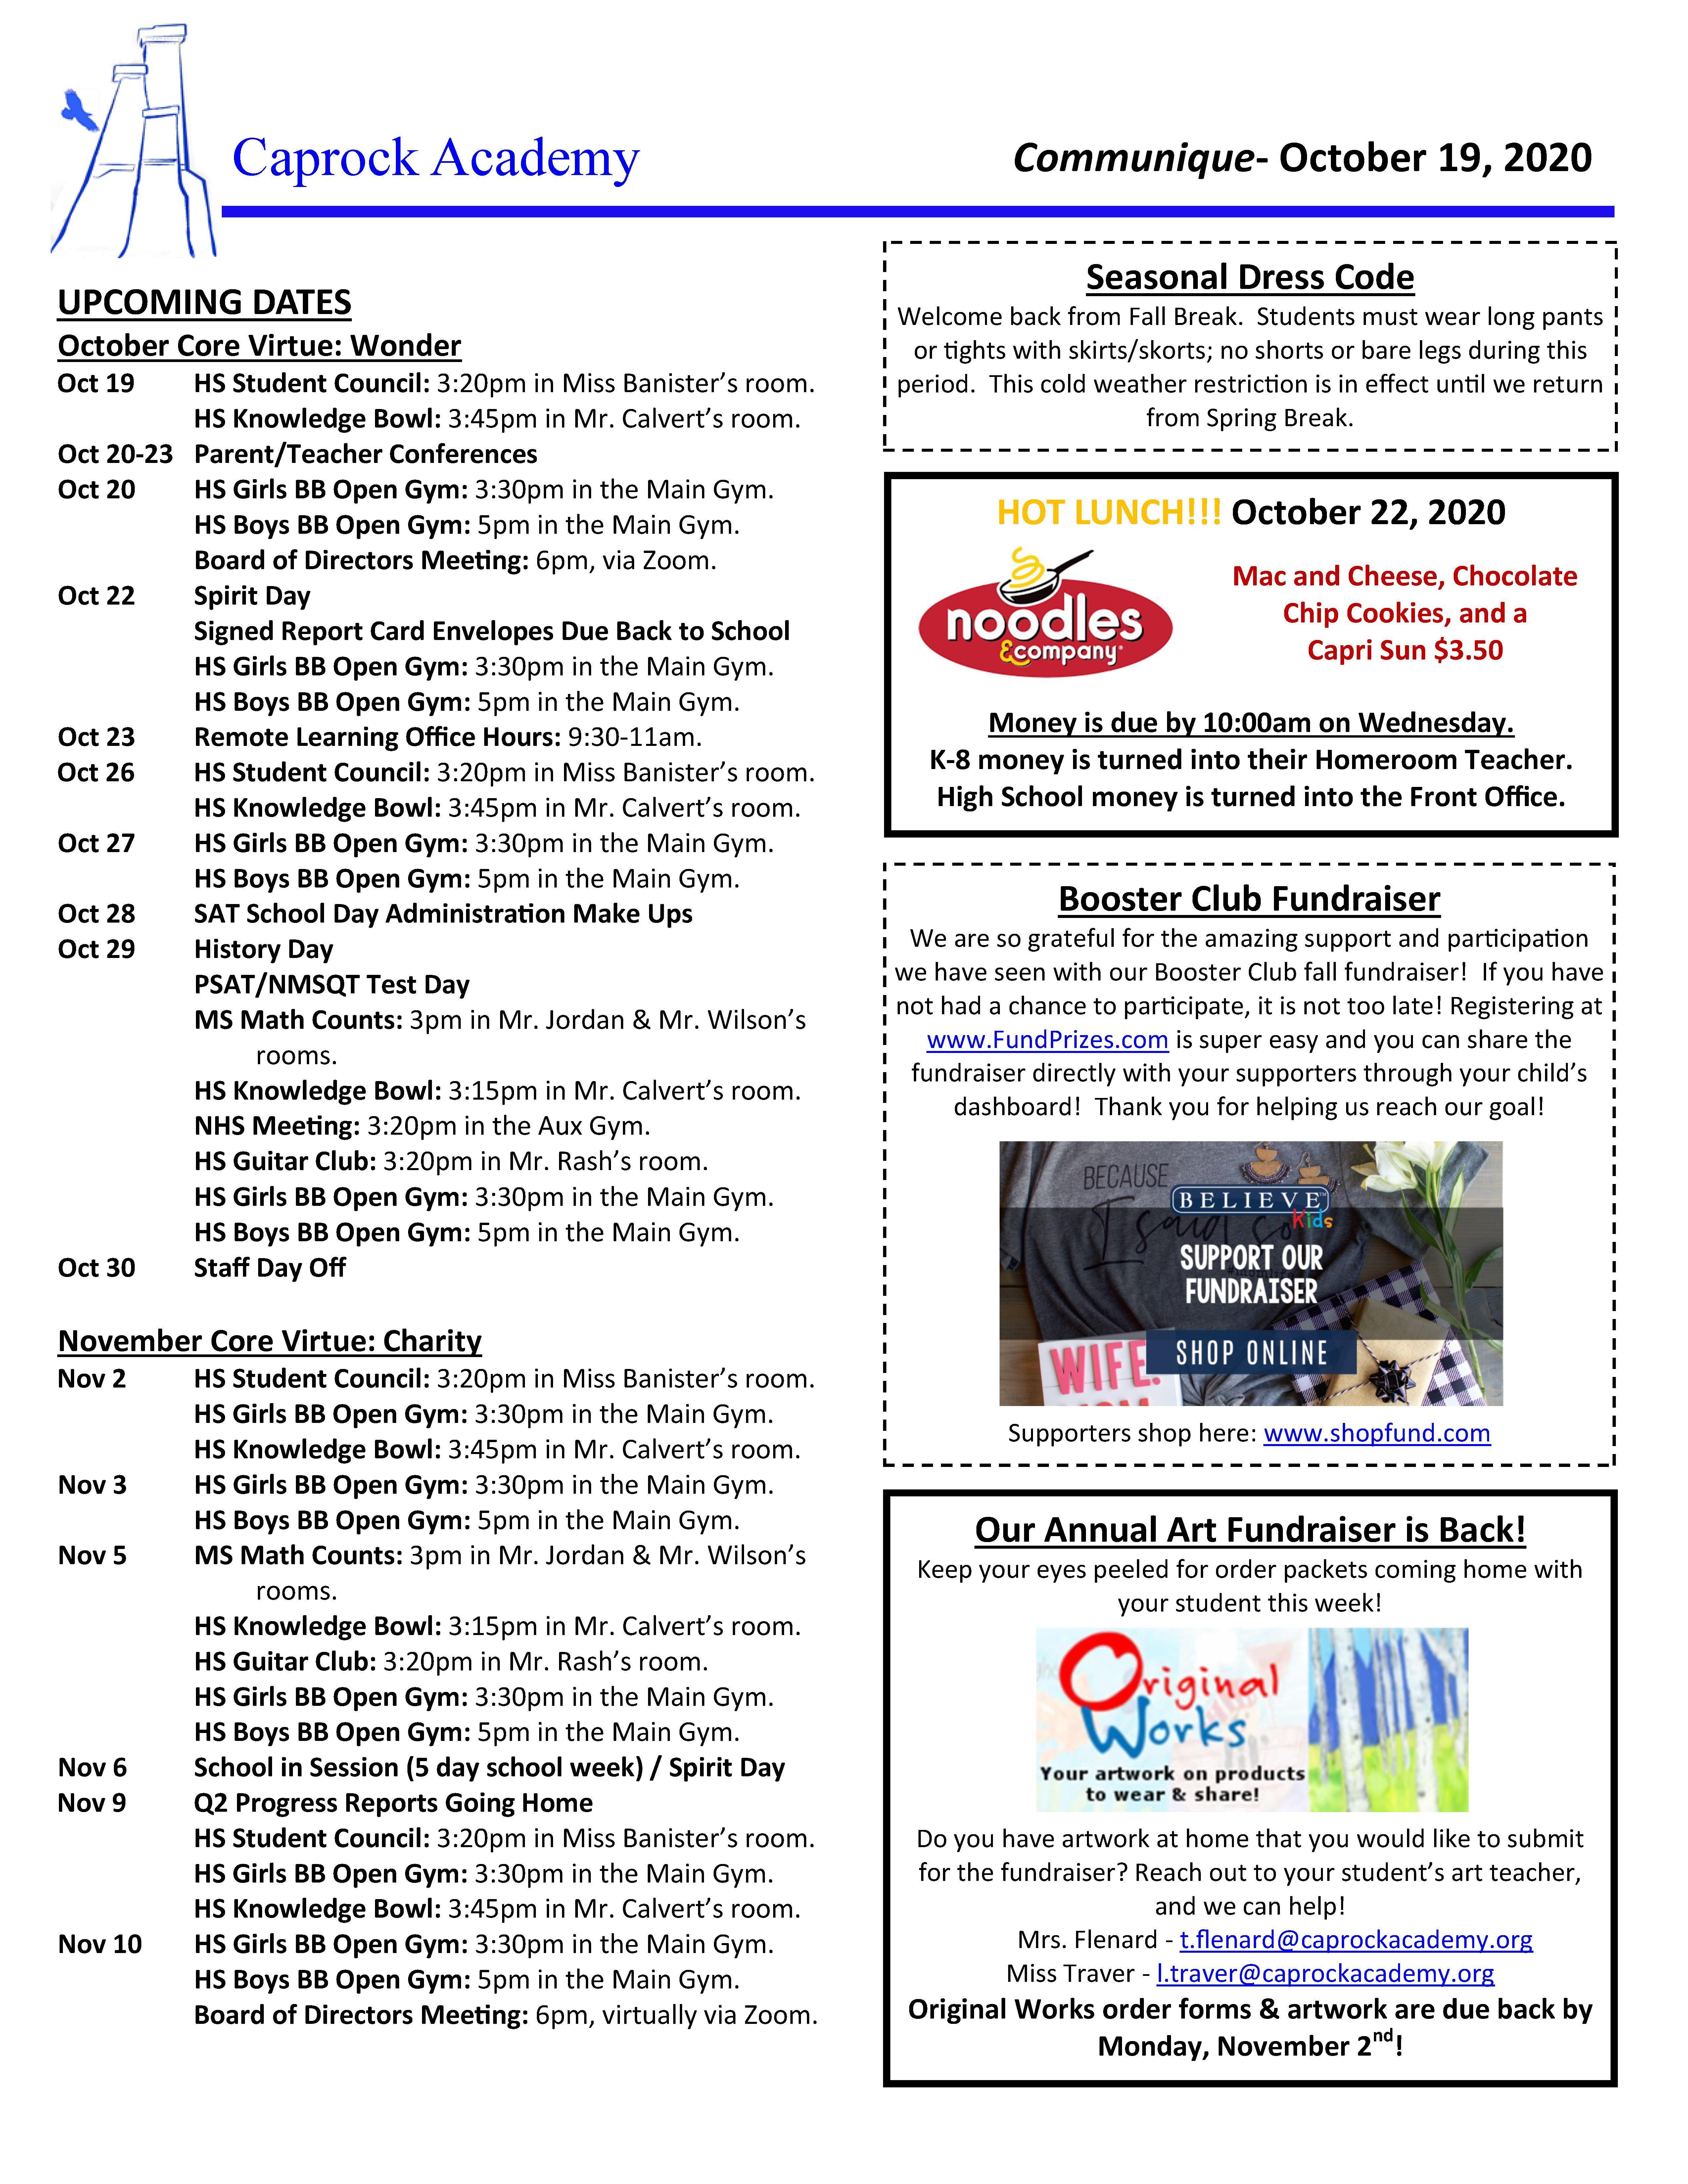 Communique 10-19-20 page 1 of 2